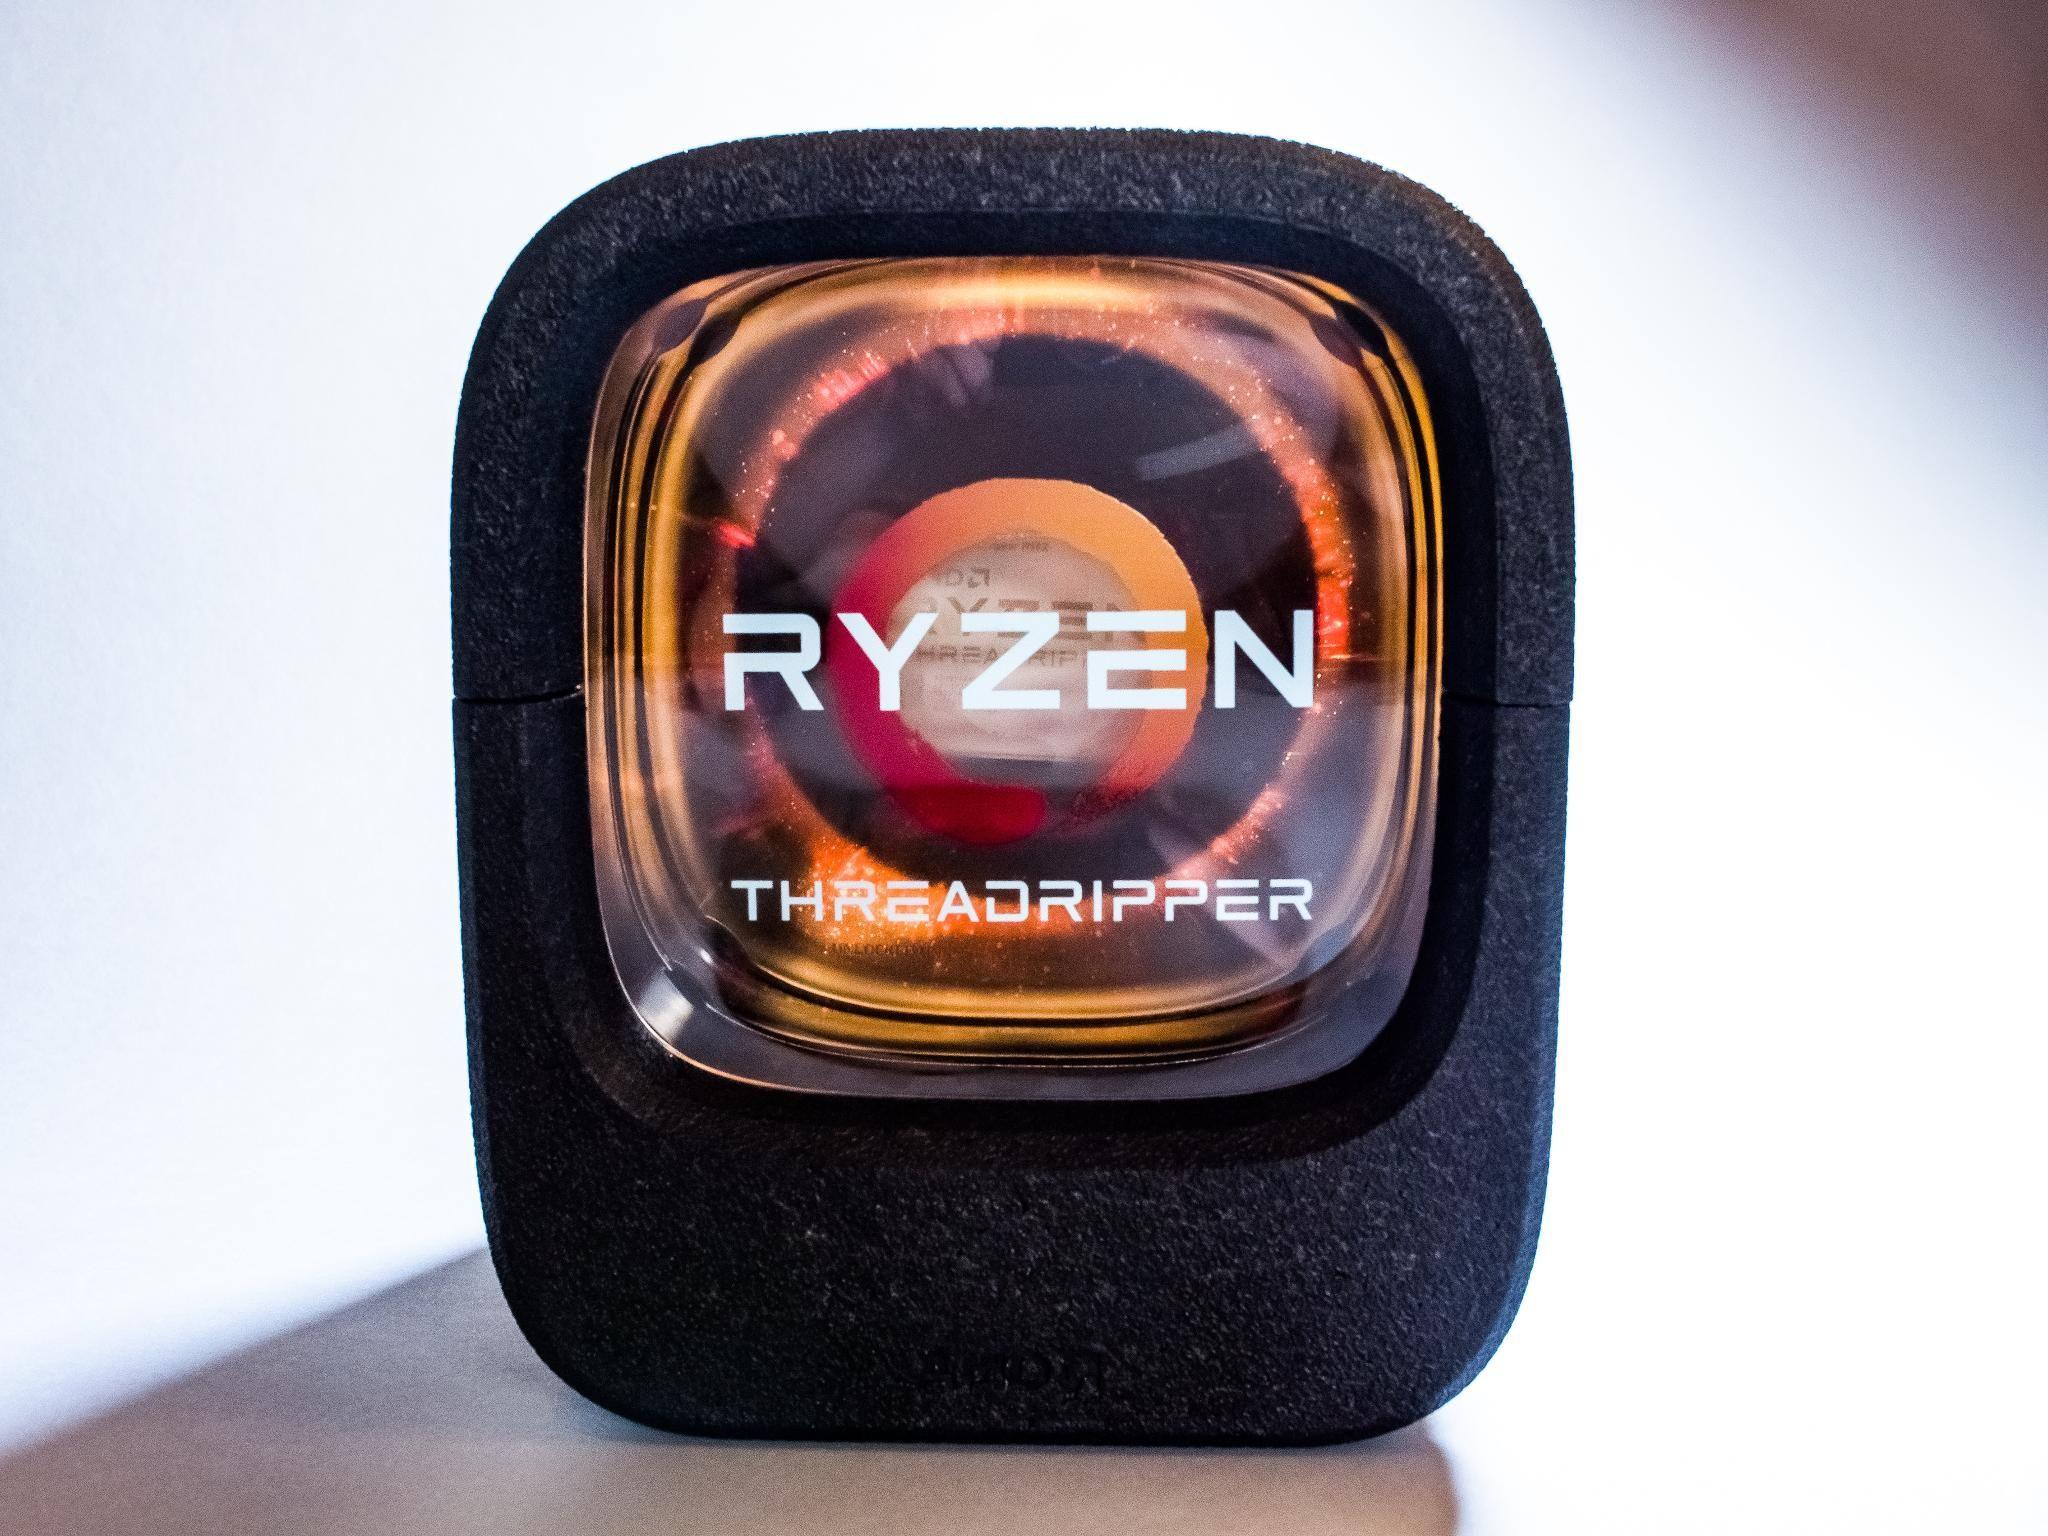 Amd Ryzen Threadripper Features Next Gen Packaging Amd Retail Packaging Macbook Repair